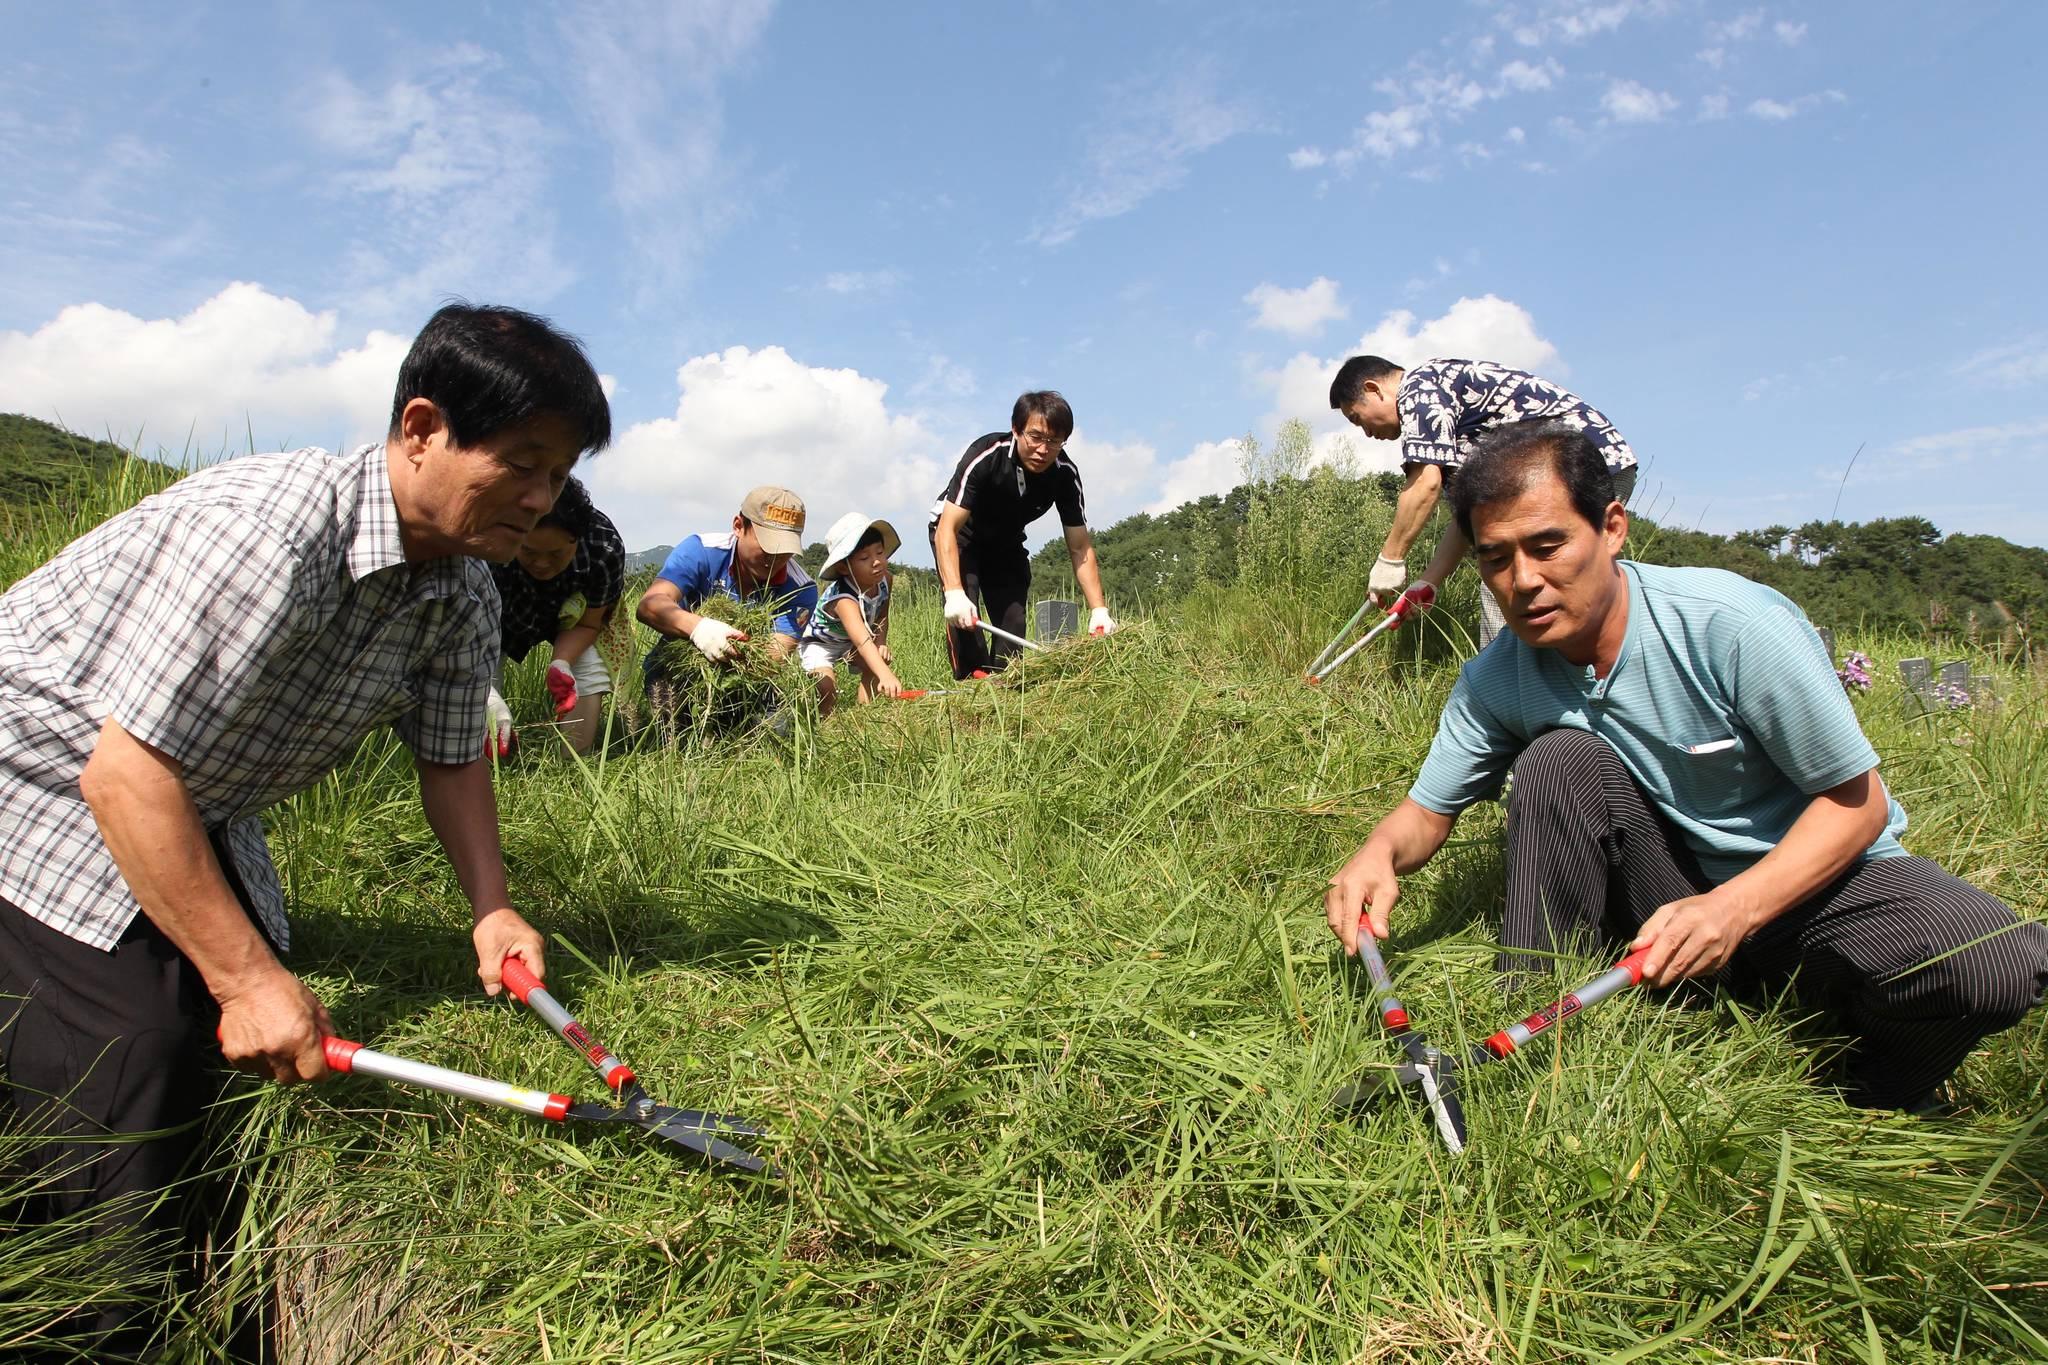 2010년 추석(9월22일)을 앞둔 9월5일 휴일을 맞아 가족이 부산 금정구 영락공원에 안치된 조상의 묘를 찾아 벌초를 하고 있다.송봉근 기자